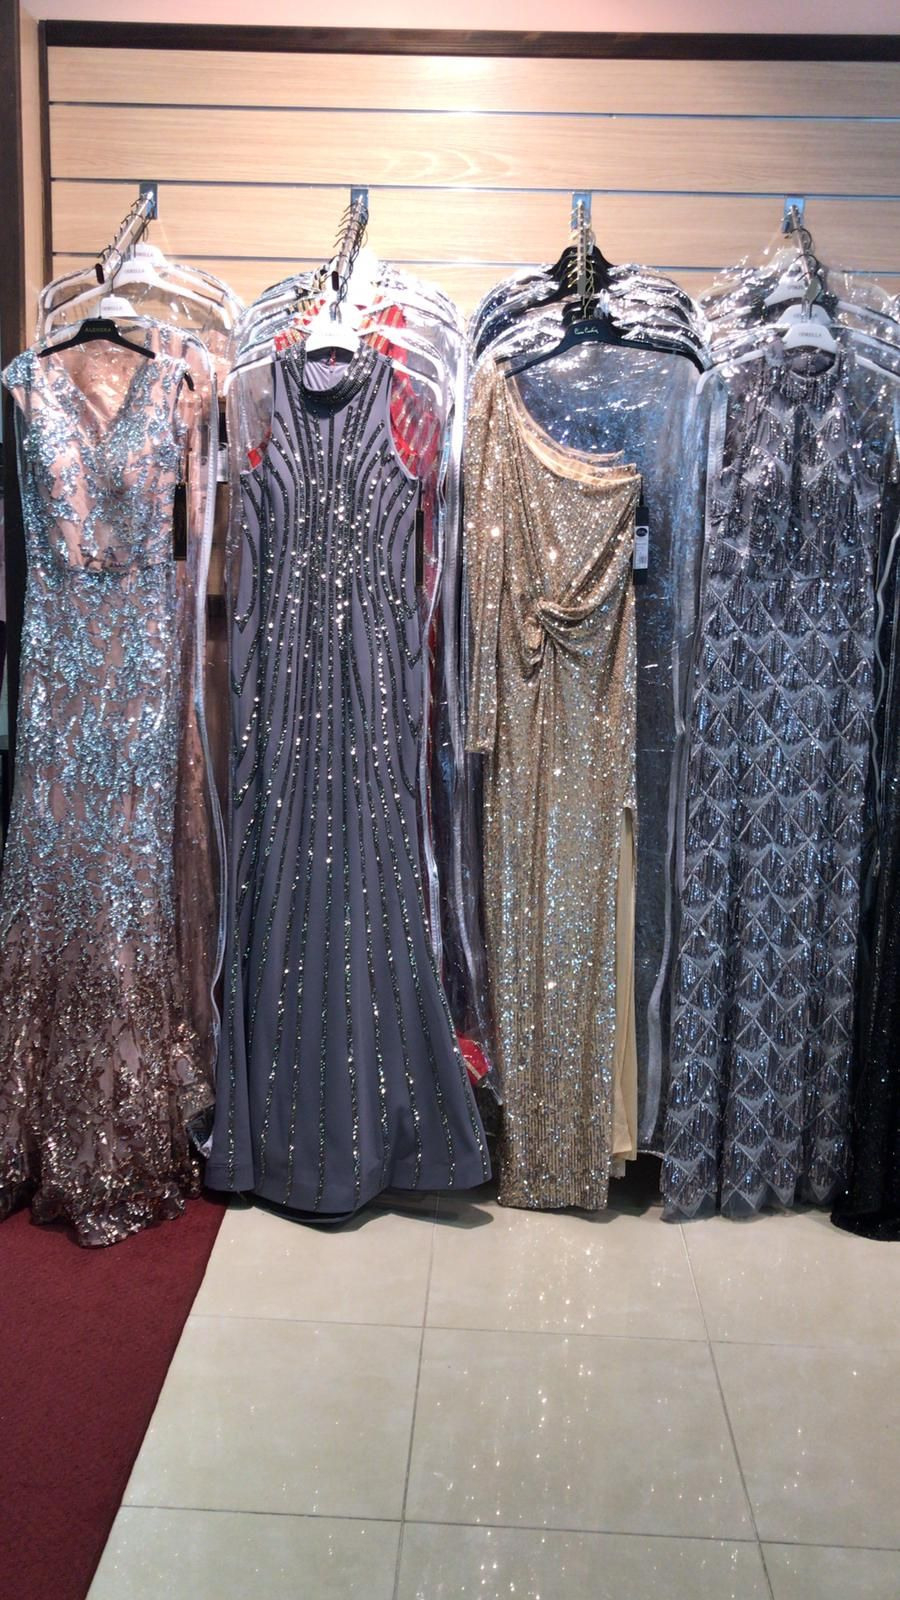 Abend Wunderbar Abendkleid Zürich Ärmel10 Spektakulär Abendkleid Zürich für 2019